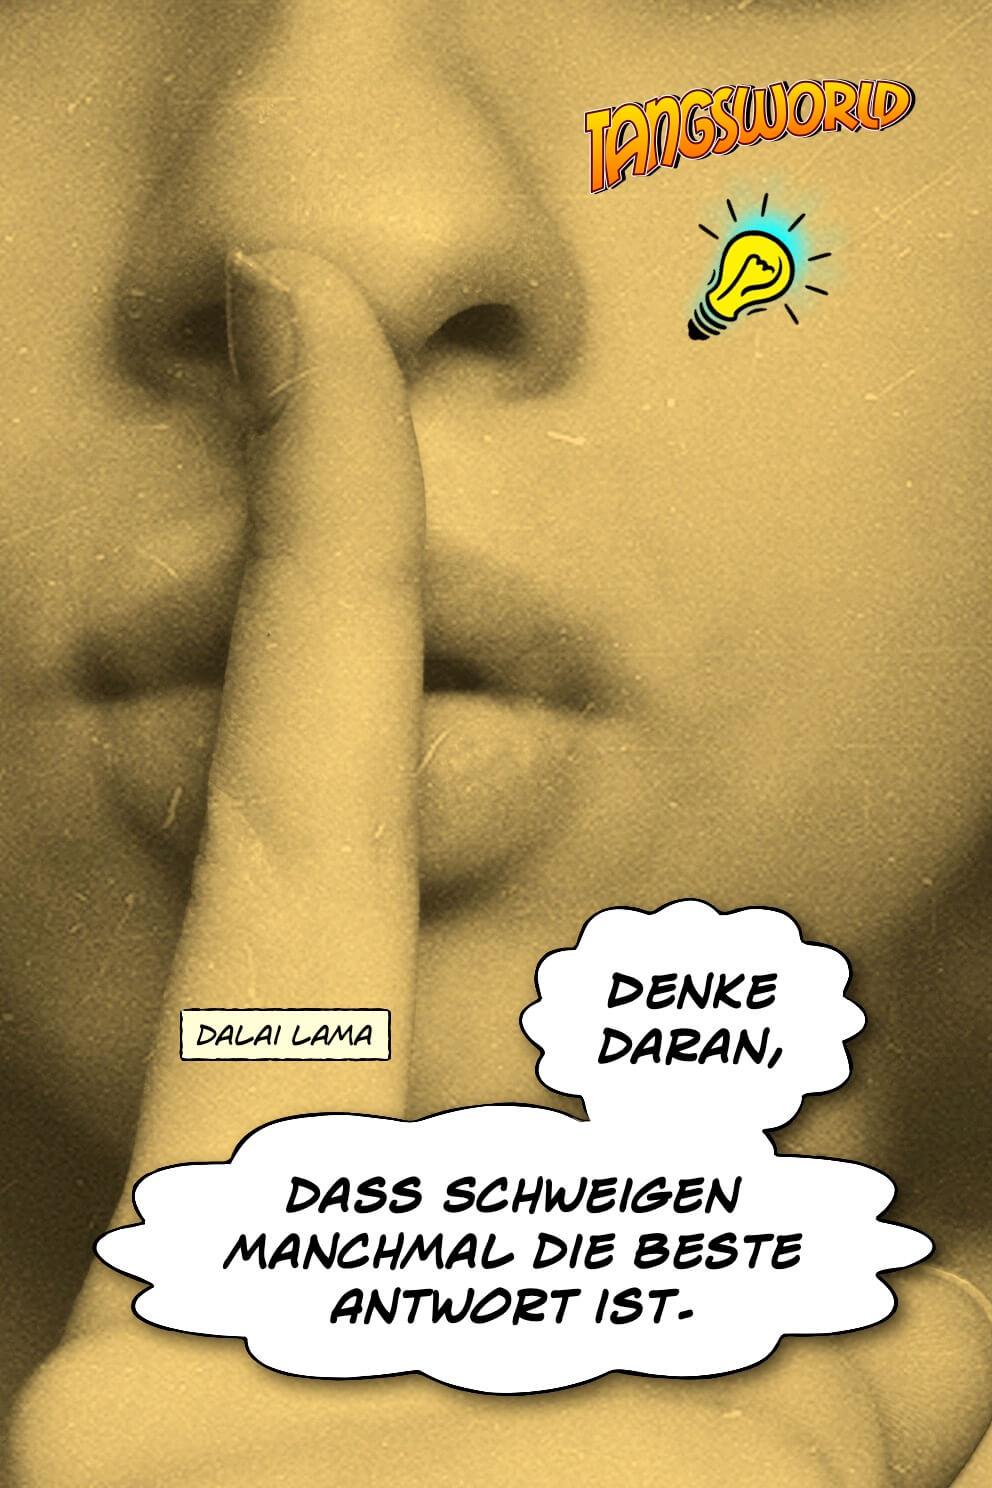 Denke daran, dass Schweigen manchmal die beste Antwort ist. - Geistesblitze | Dalai Lama